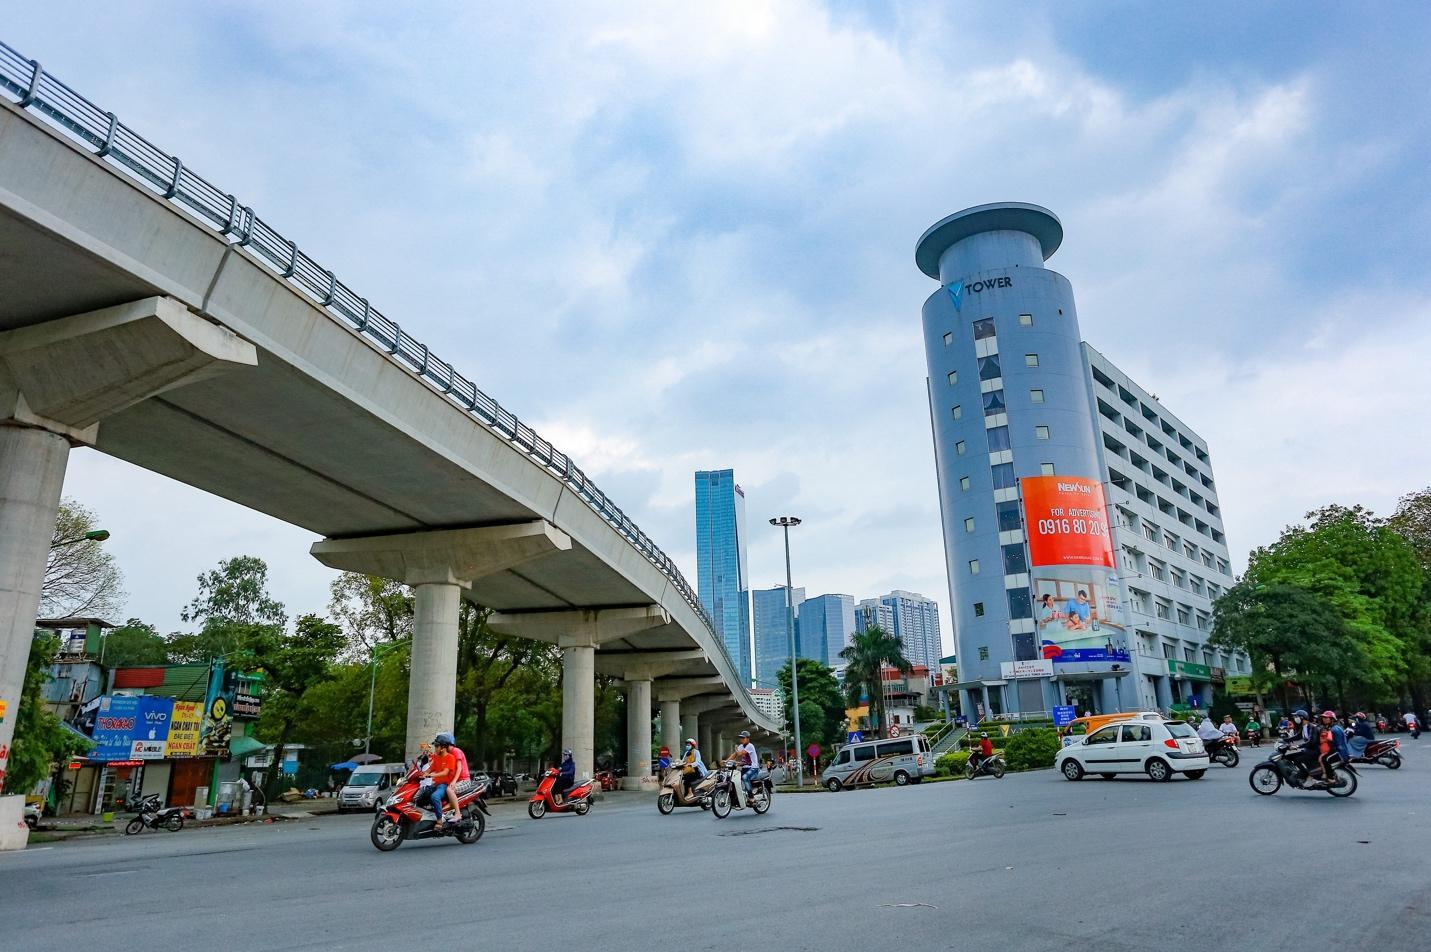 """Cận cảnh 5 tuyến đường được mệnh danh """"đắt nhất hành tinh"""" ở Hà Nội - 1"""